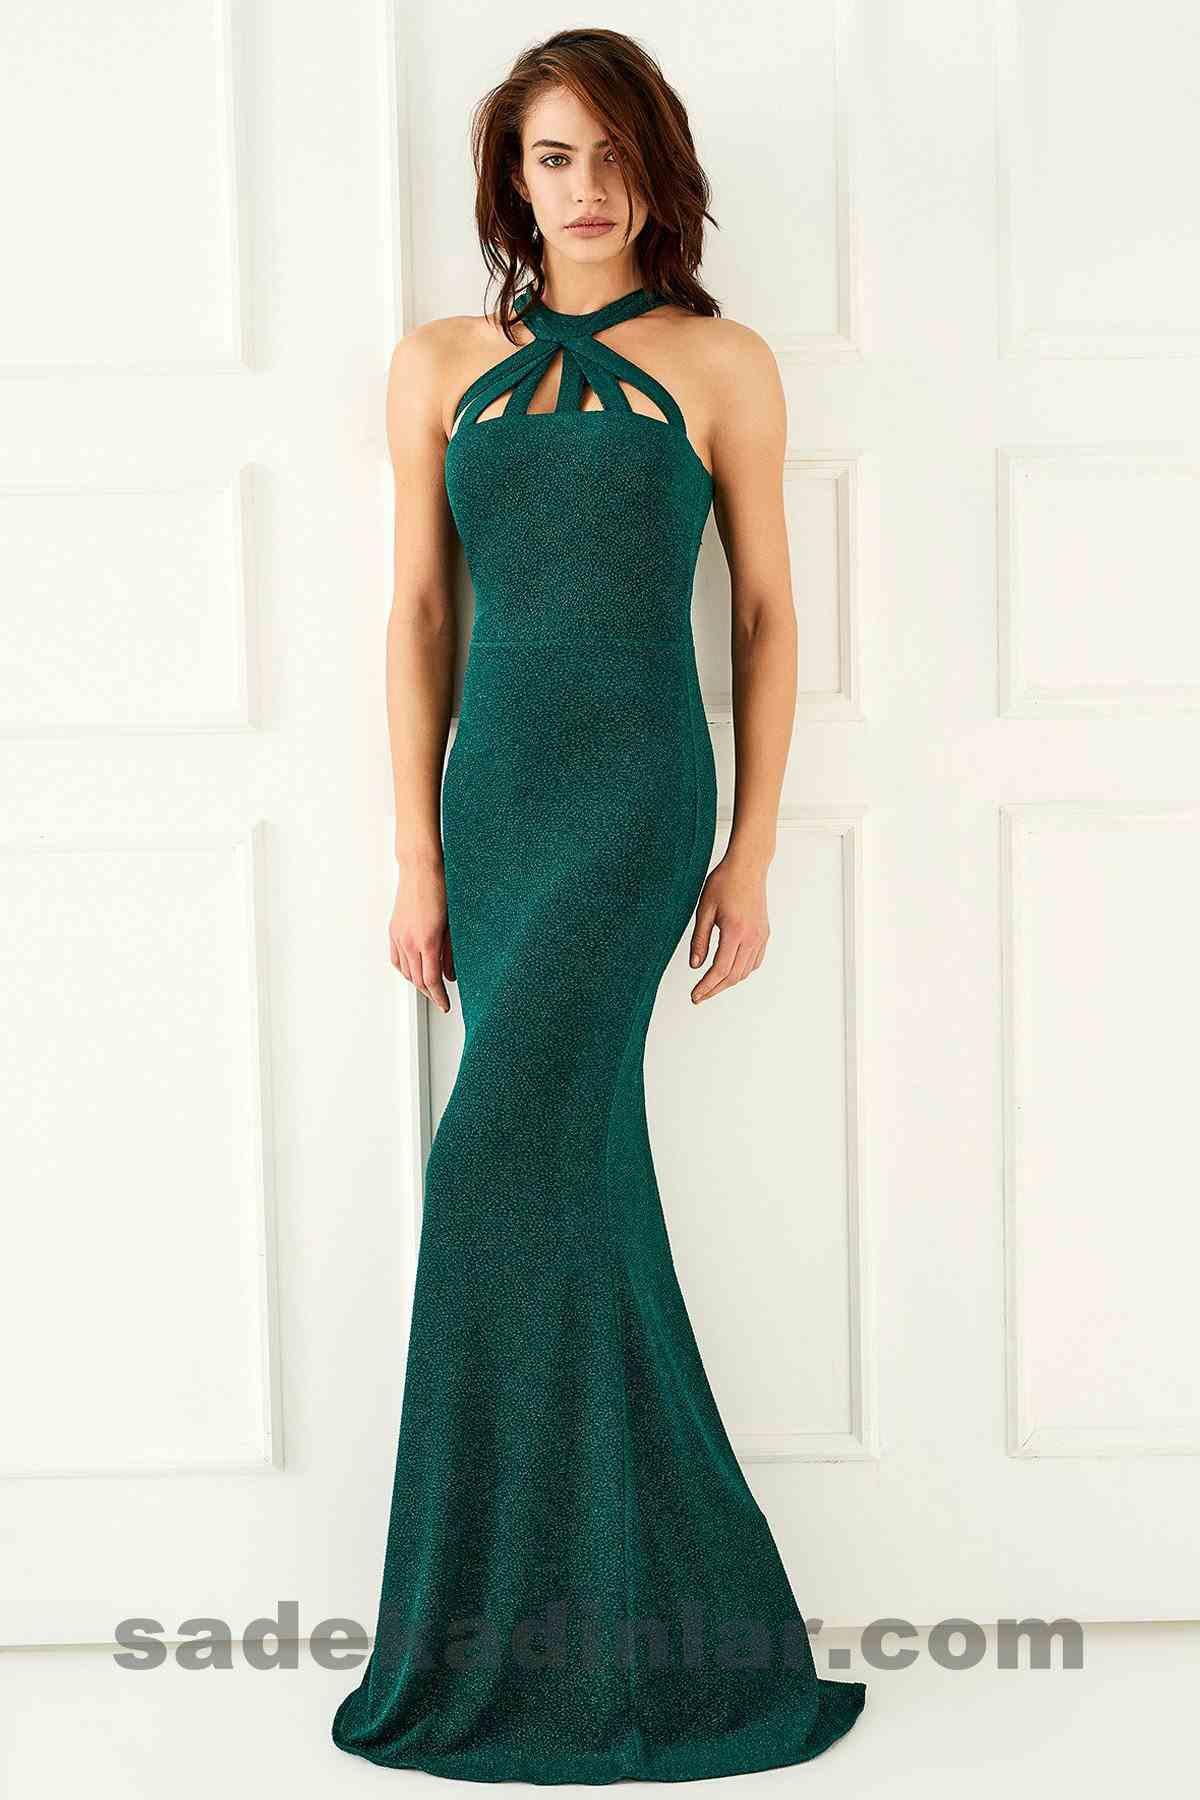 Abiye Elbise Modelleri Şık ve Güzel 2019 Gece Elbiseleri Parıltılı Yeşil Uzun